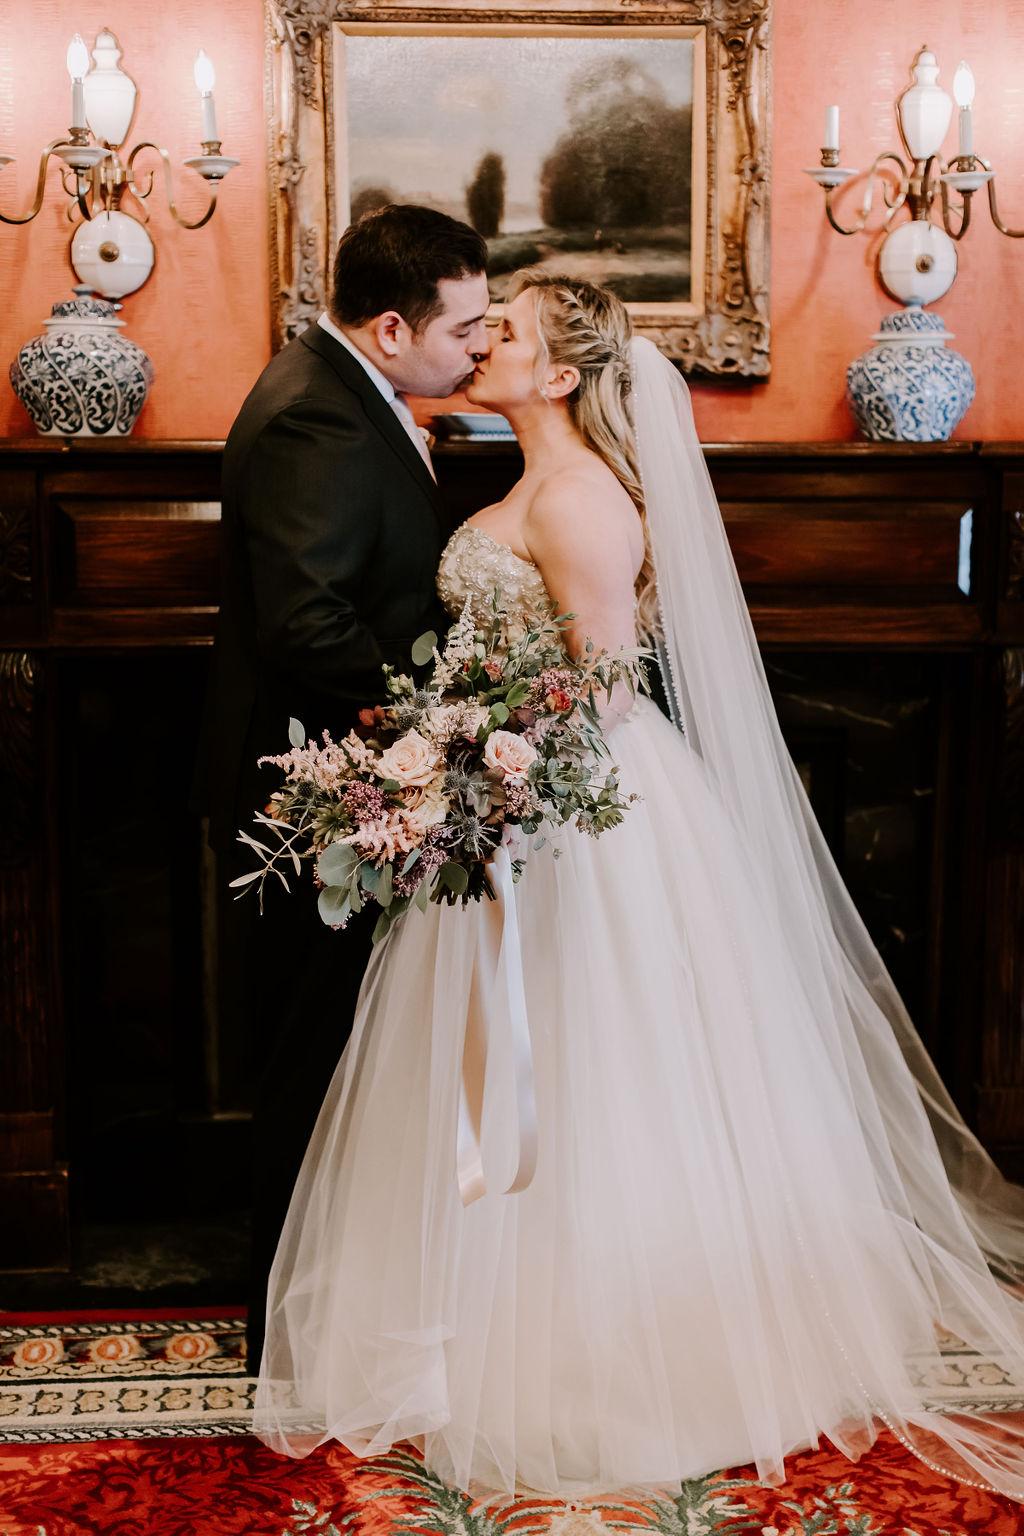 saybrook-point-inn-and-spa-wedding-flowers-3